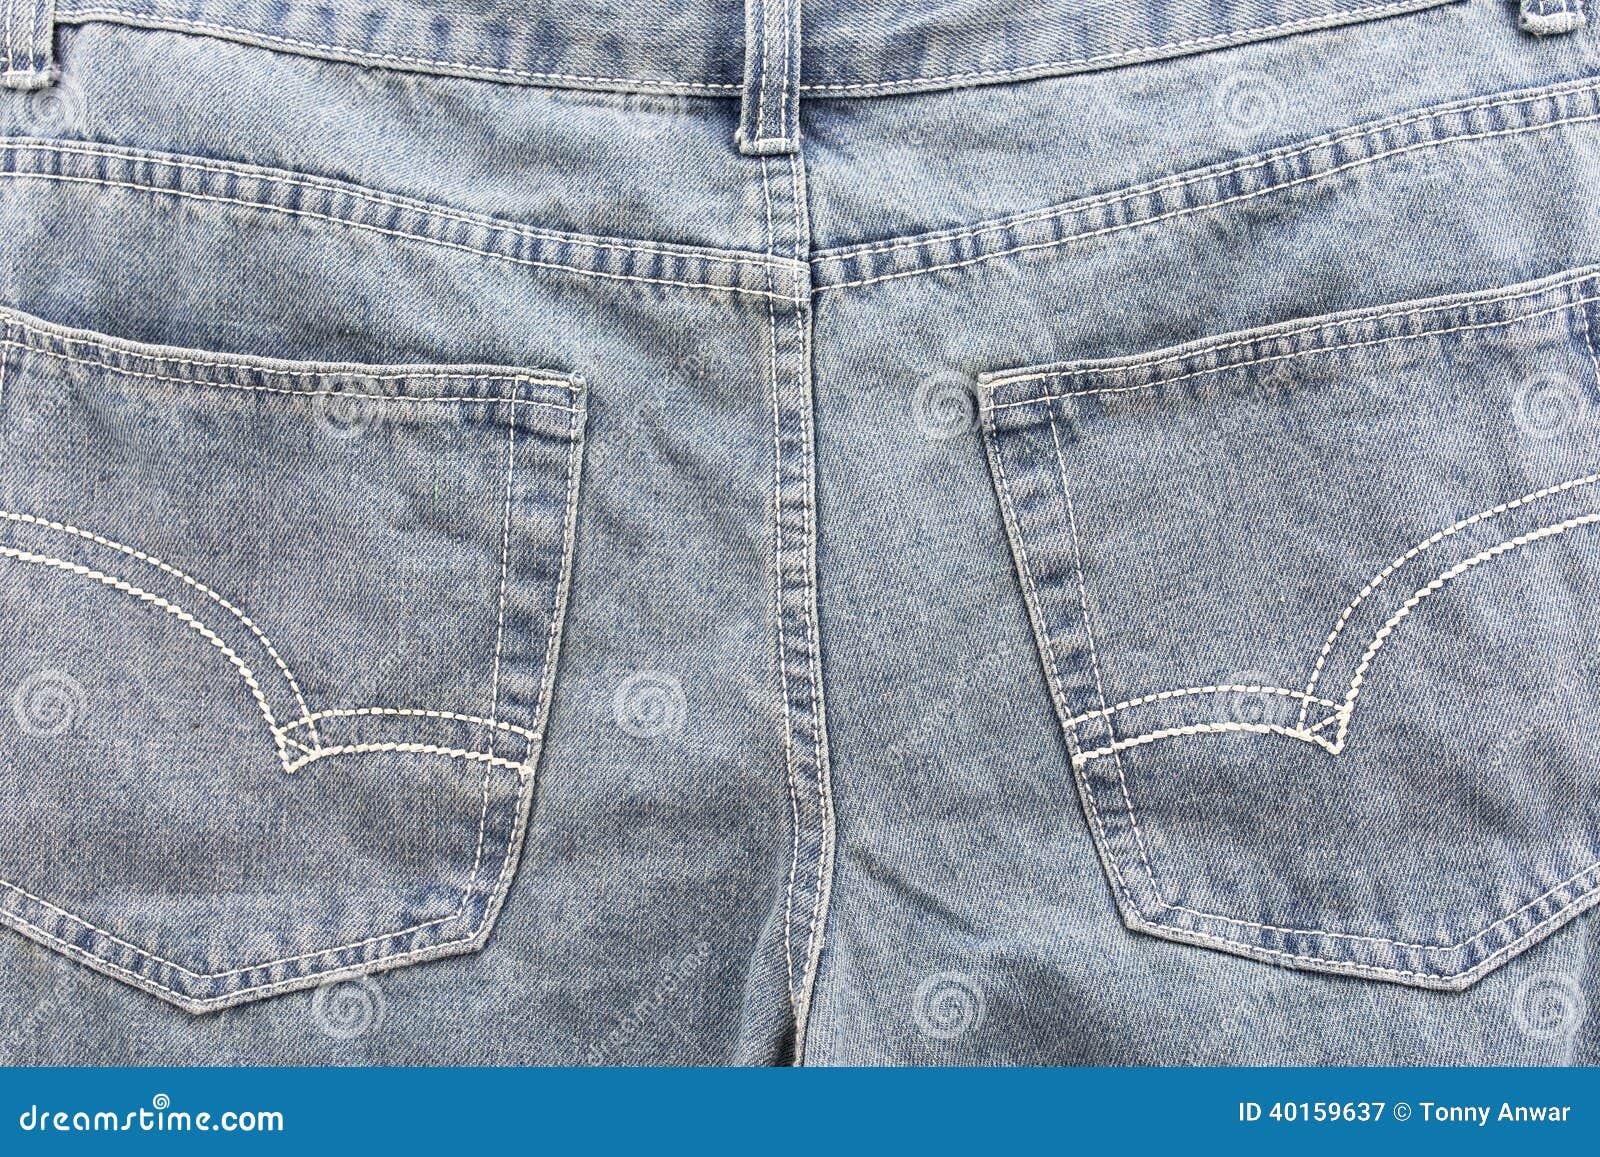 Jeans Back Pocket Texture Jean pocket stock imag...